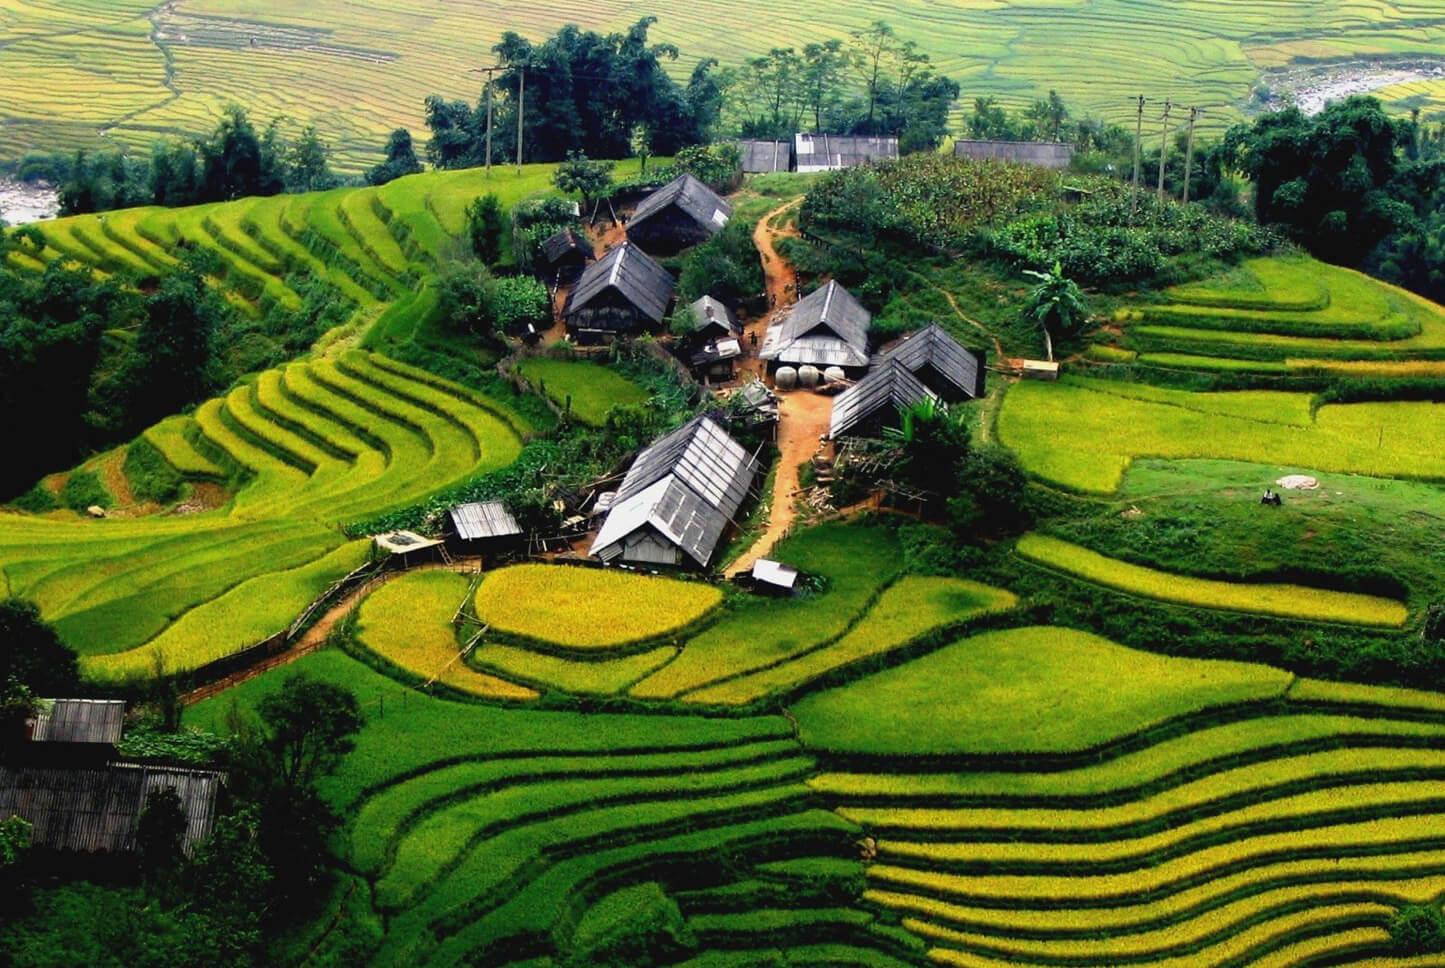 vietnam-nord-sonne-la-marche-4-jours-de-rando-a-sapa-1